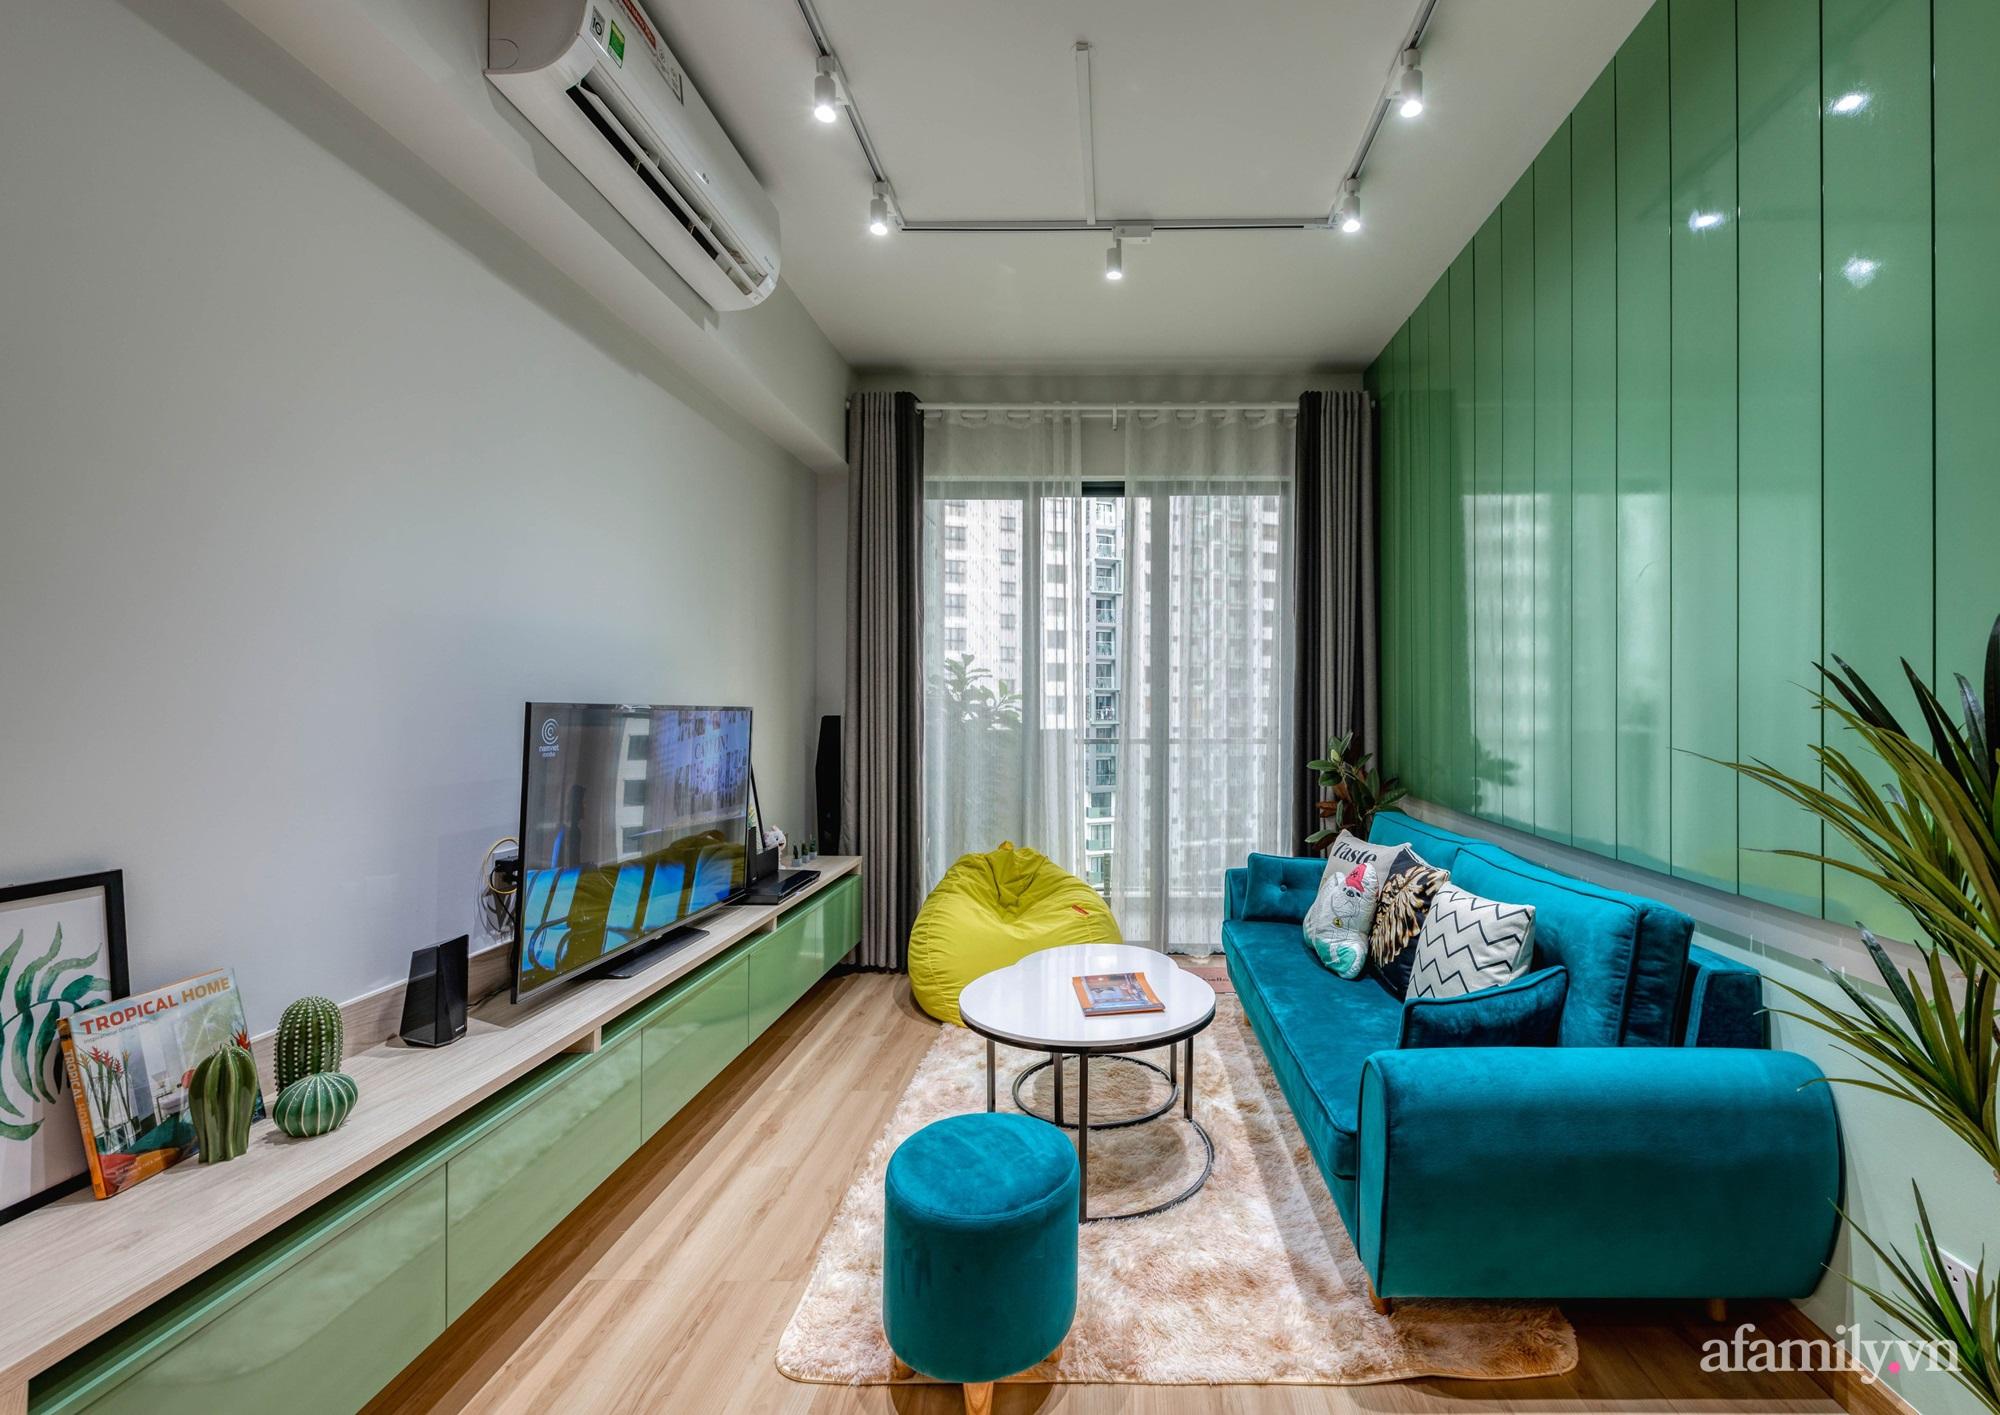 Căn hộ 69m² tạo dấu ấn đặc biệt với phong cách Tropical có chi phí thi công 180 triệu đồng ở Sài Gòn - Ảnh 7.